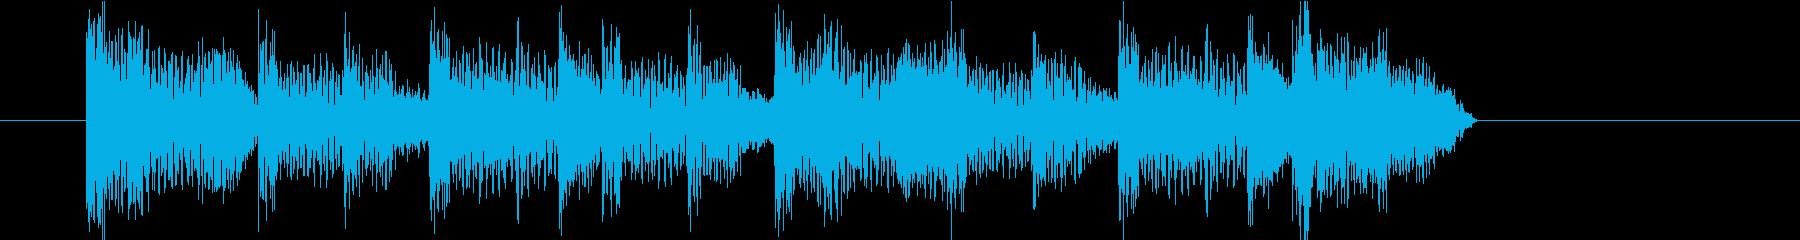 ジングル(ダンス1)の再生済みの波形